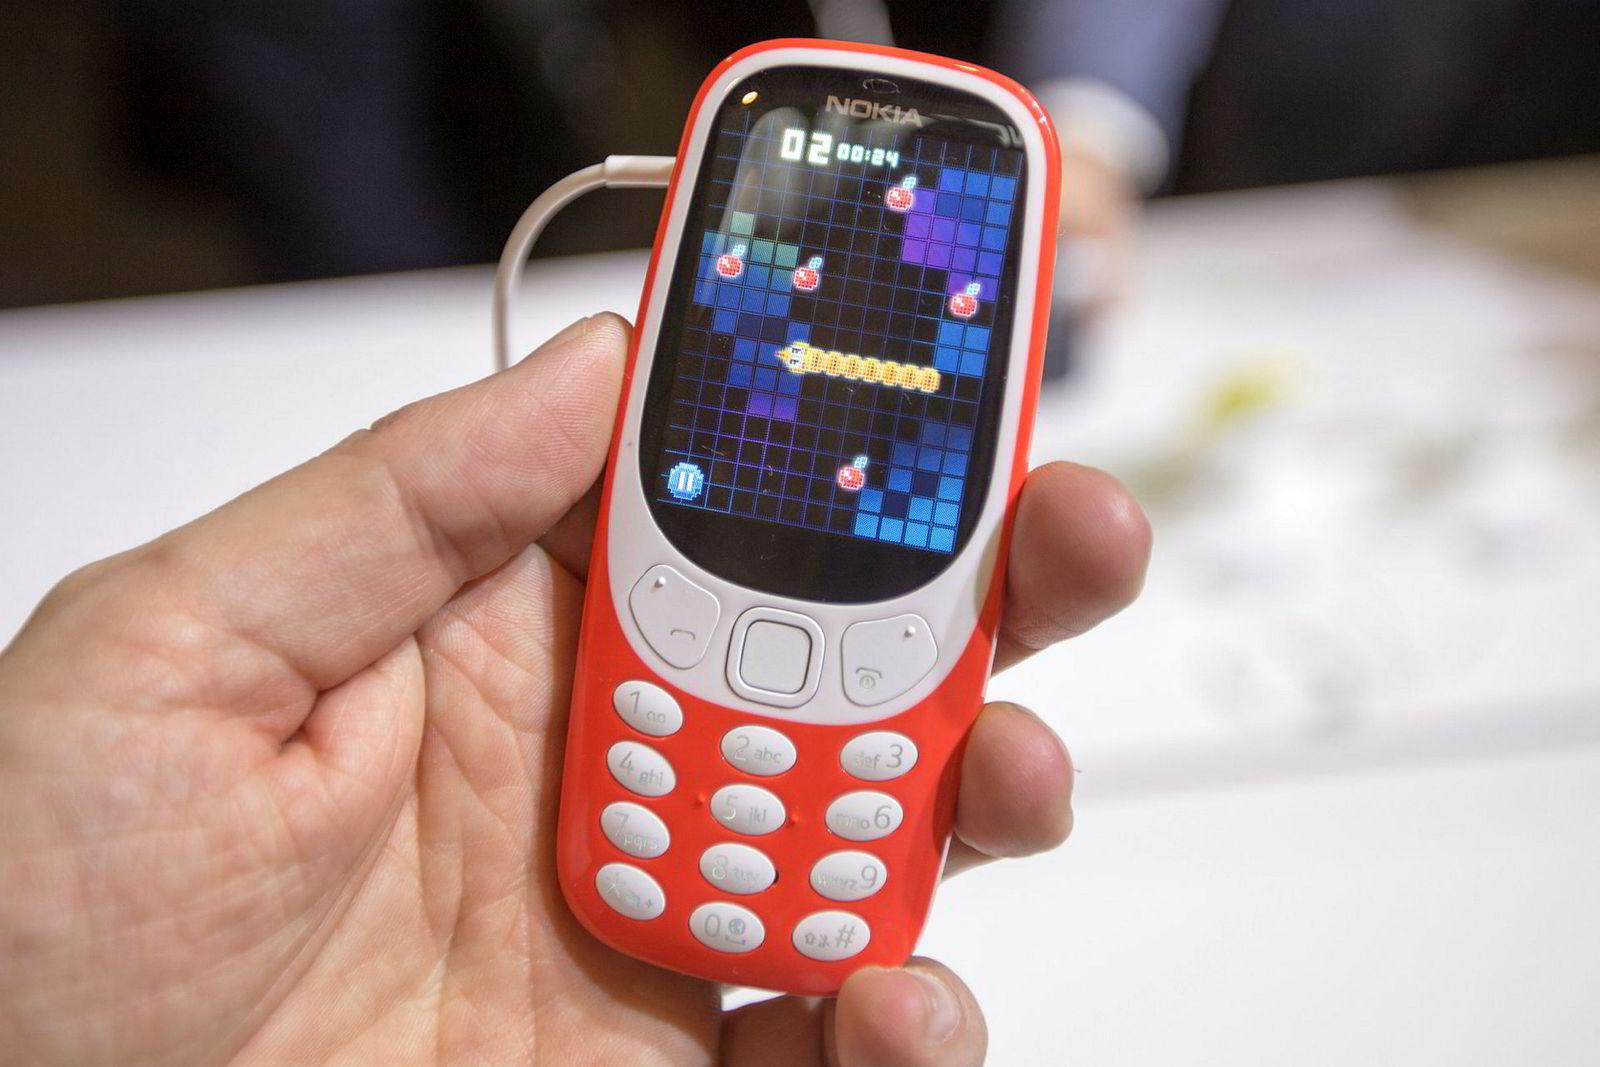 Husker du Snake? Det klassiske – og kanskje første – mobilspillet er tilbake på Nokia 3310. Telefonen er like enkel som før, men med enda bedre batteritid.